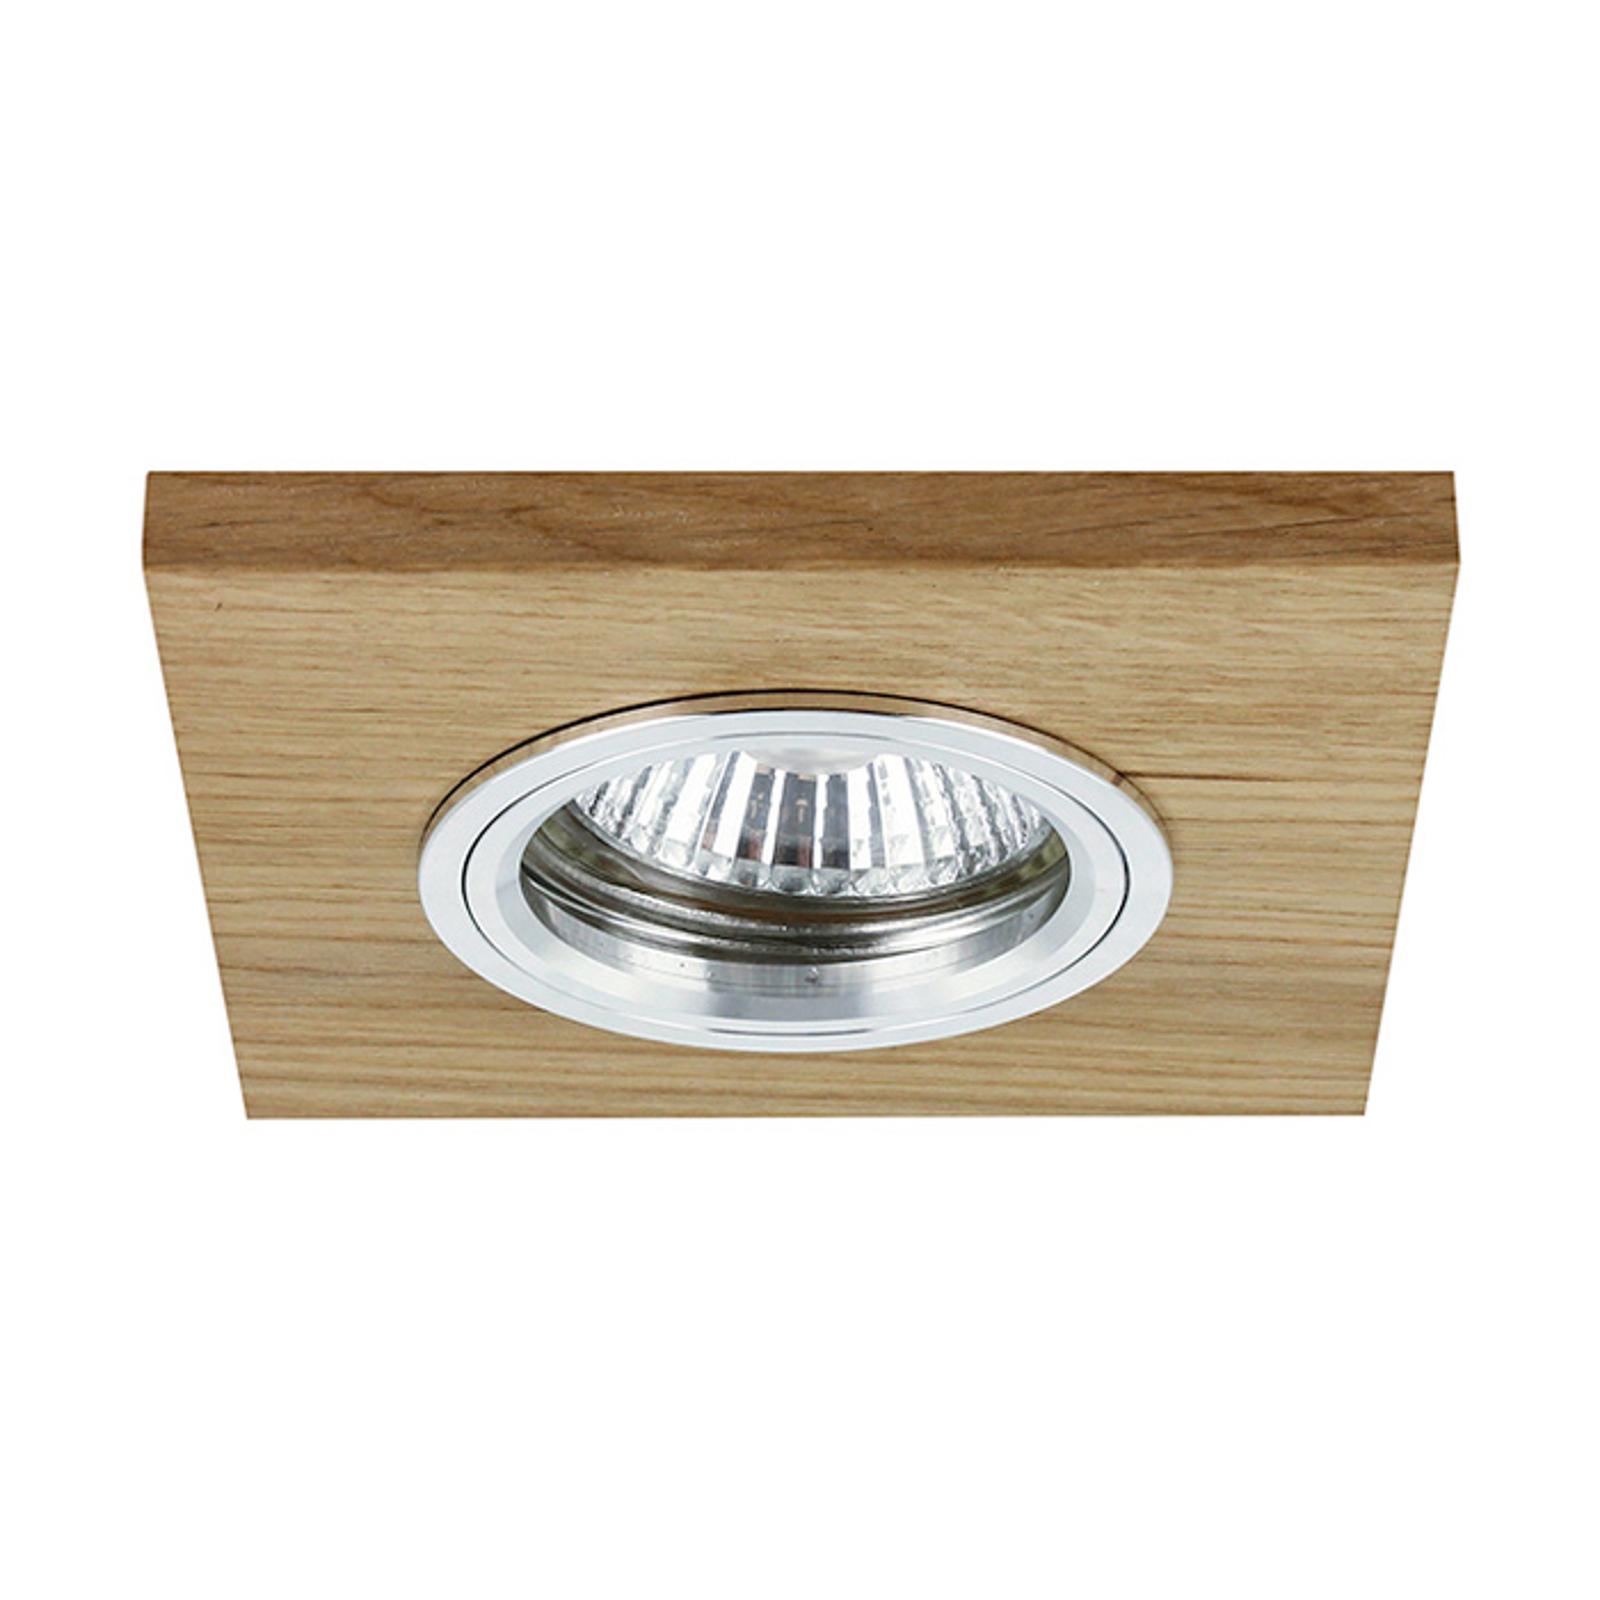 LED-Deckeneinbauleuchte Vitar, eiche geölt